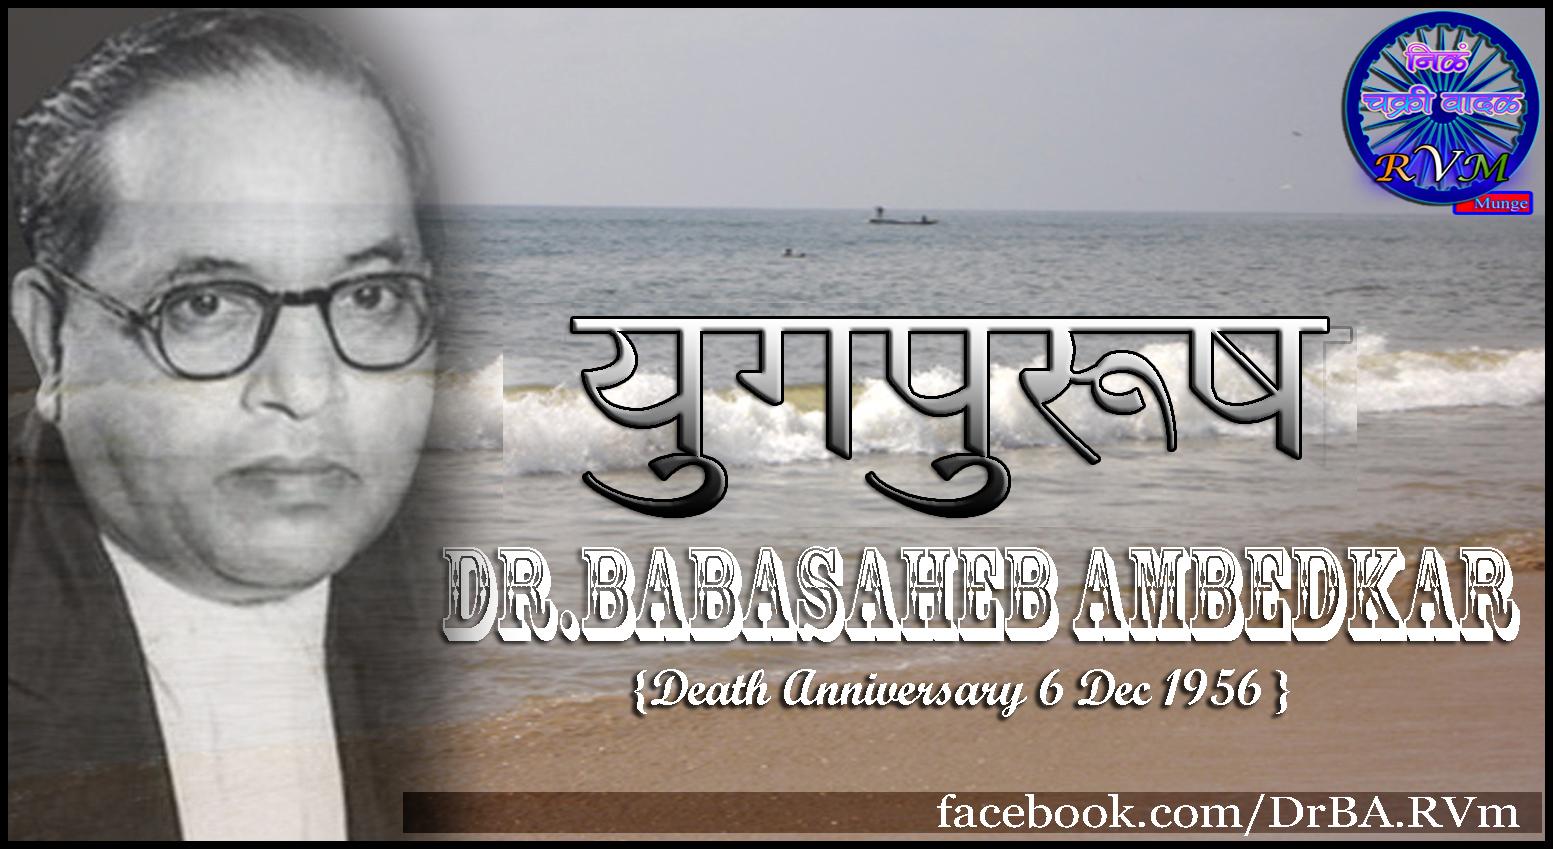 http://2.bp.blogspot.com/-RKorkS4vmeU/ULc_XWIPoNI/AAAAAAAAEC0/ALxY_N_2C9Q/s1600/Death+anniversary+Ambedkar.jpg